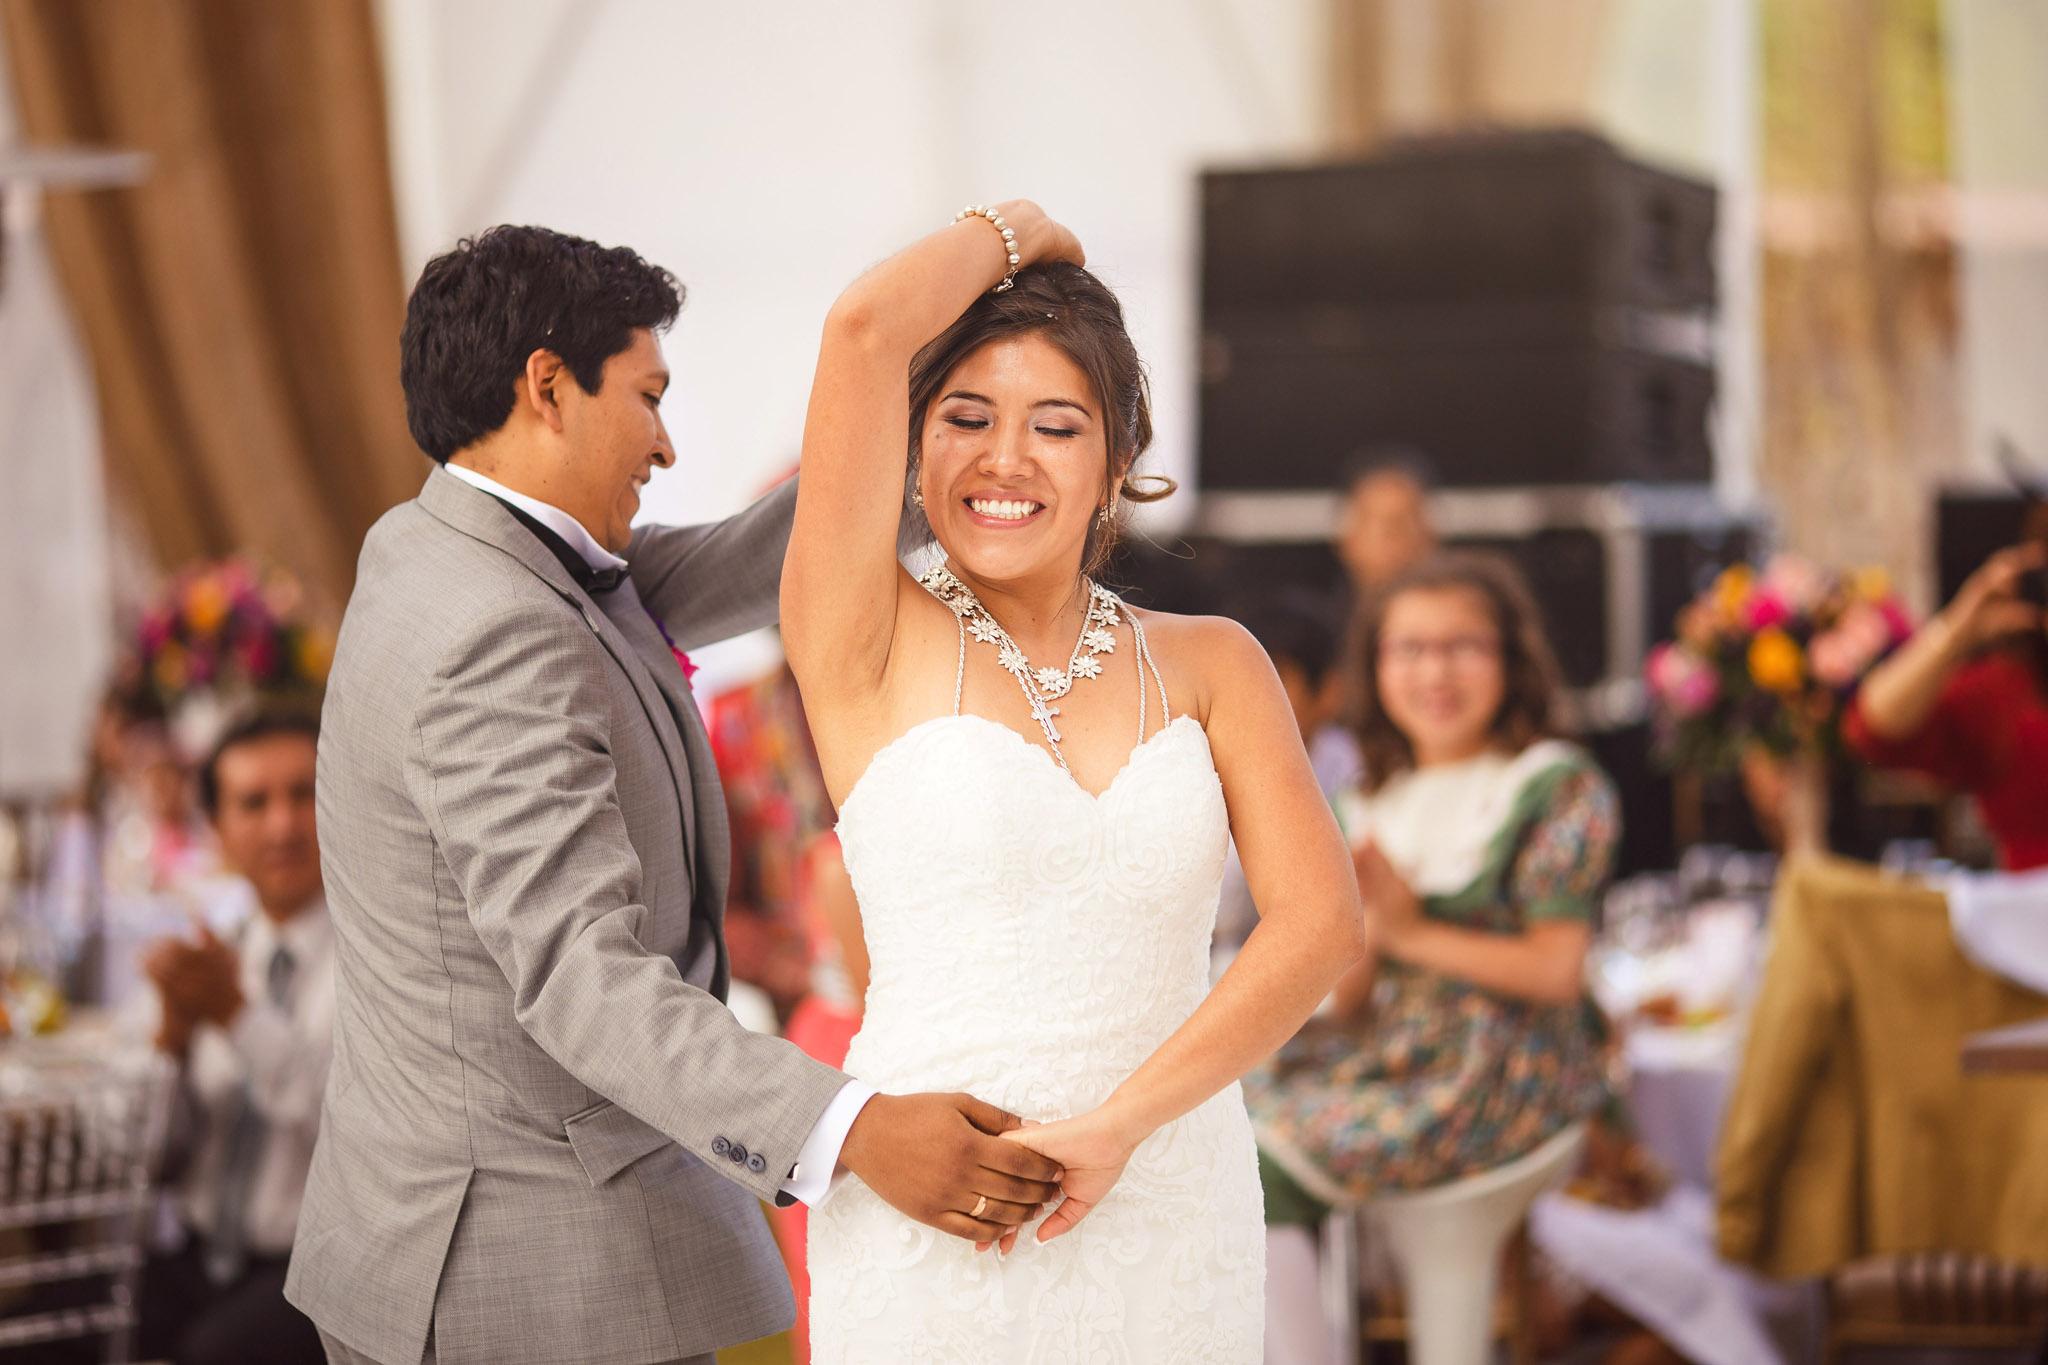 Wedding-Travellers-Destination-Wedding-Peru-Cusco-Hacienda-Sarapampa-Sacred-Valley-first-dance